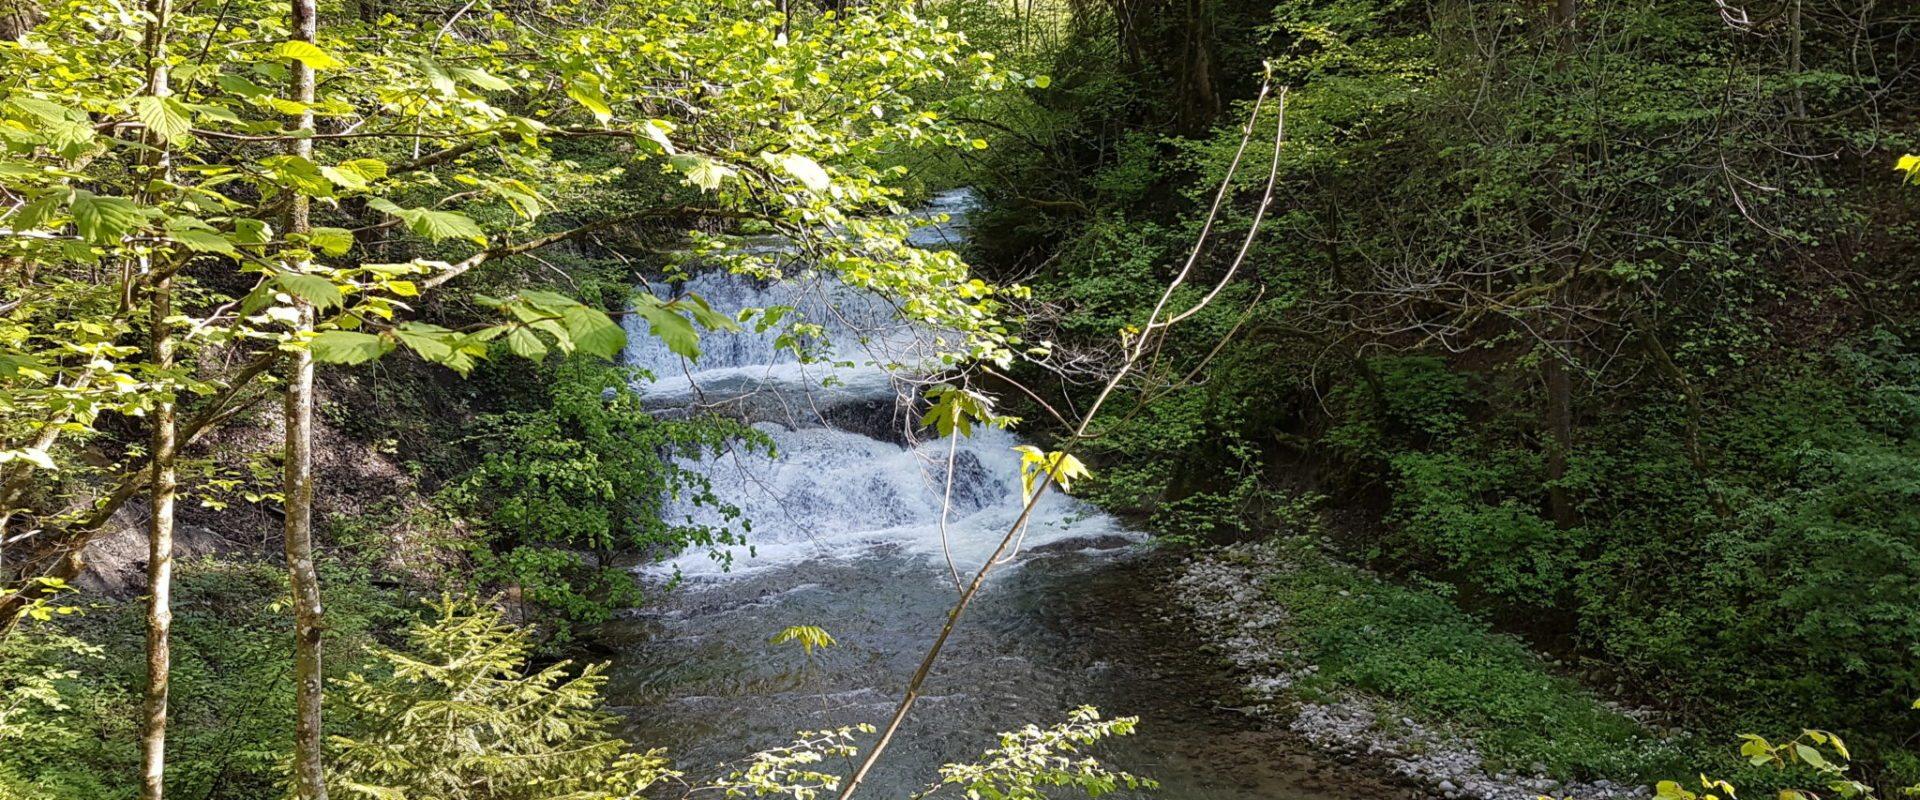 Wasserfälle in Andelsbuch © Cornelia Kriegner (1)